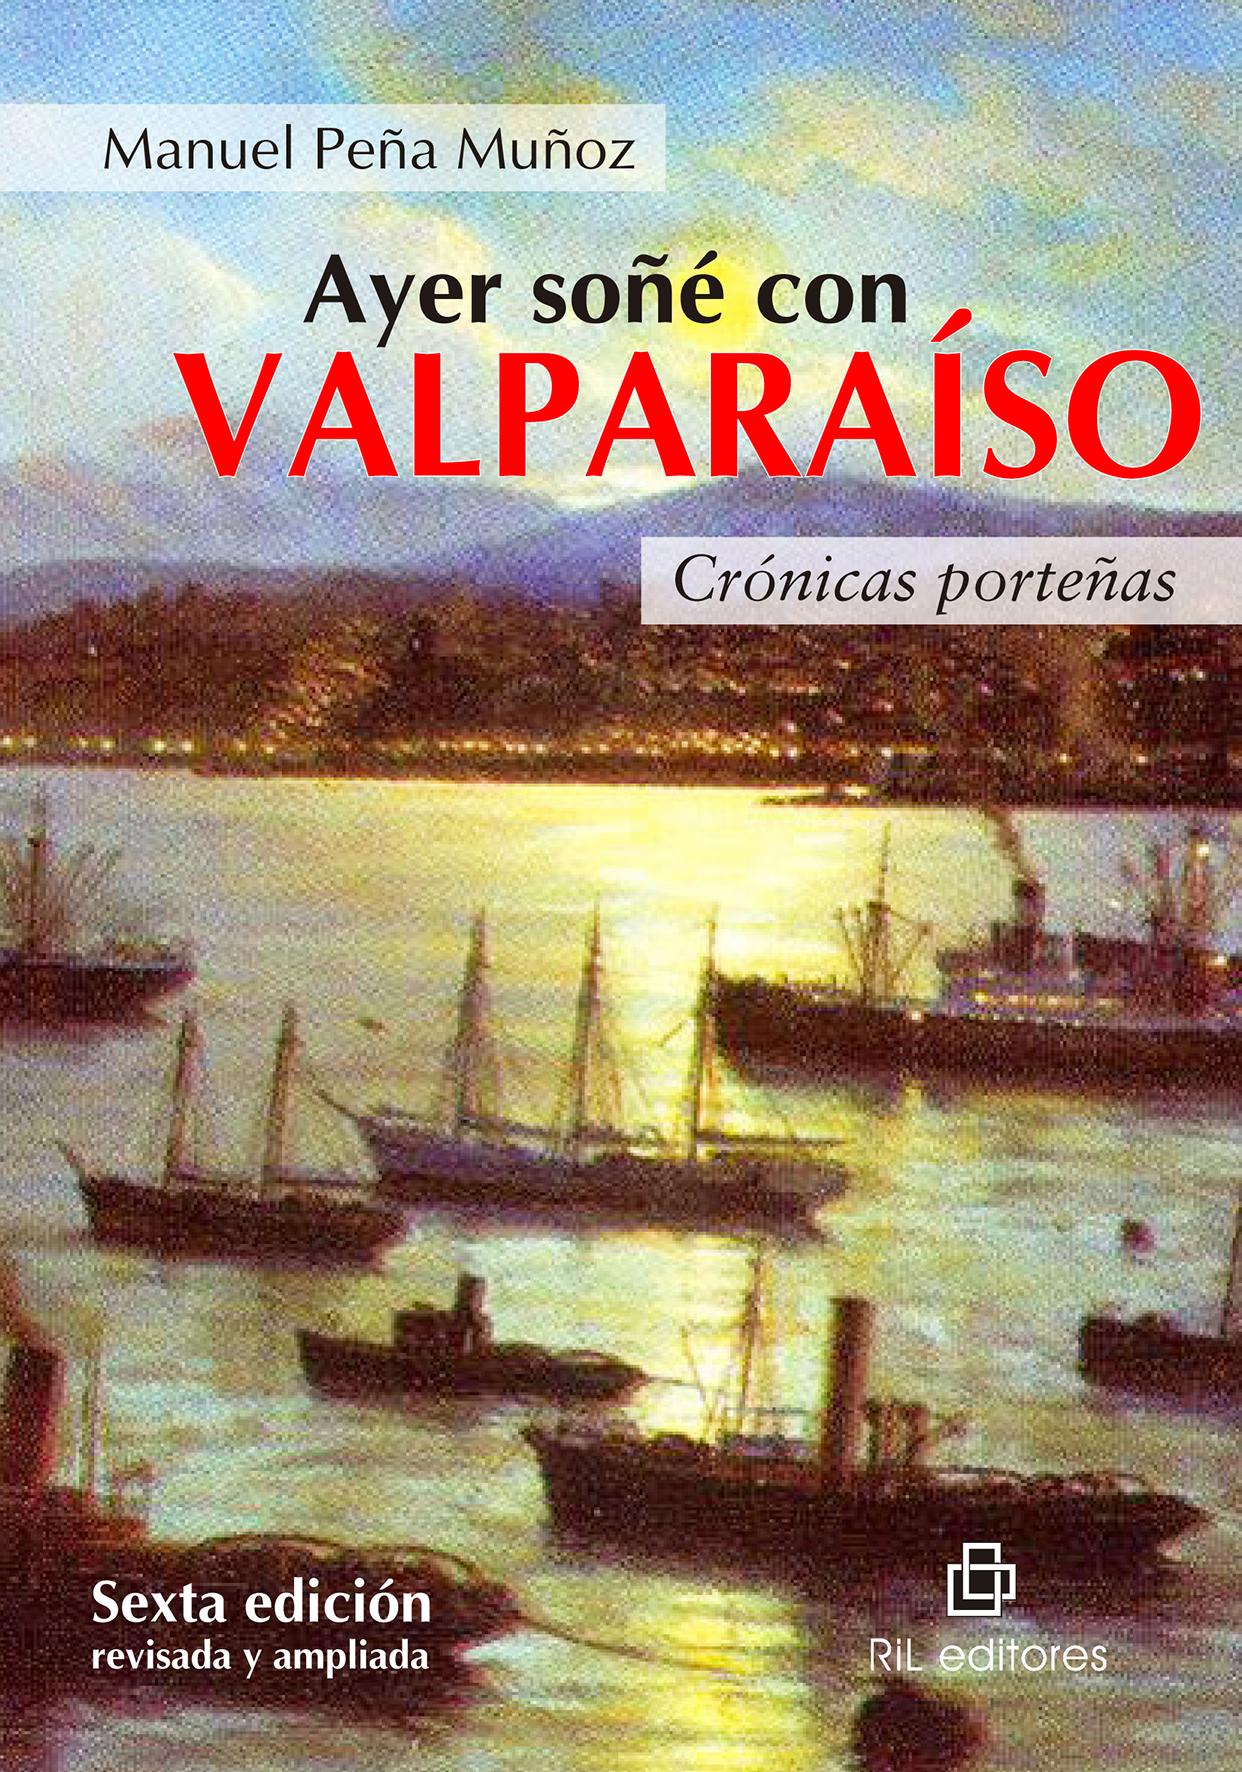 Ayer soñé con Valparaíso: crónicas porteñas. Edición especial 15 años. 1